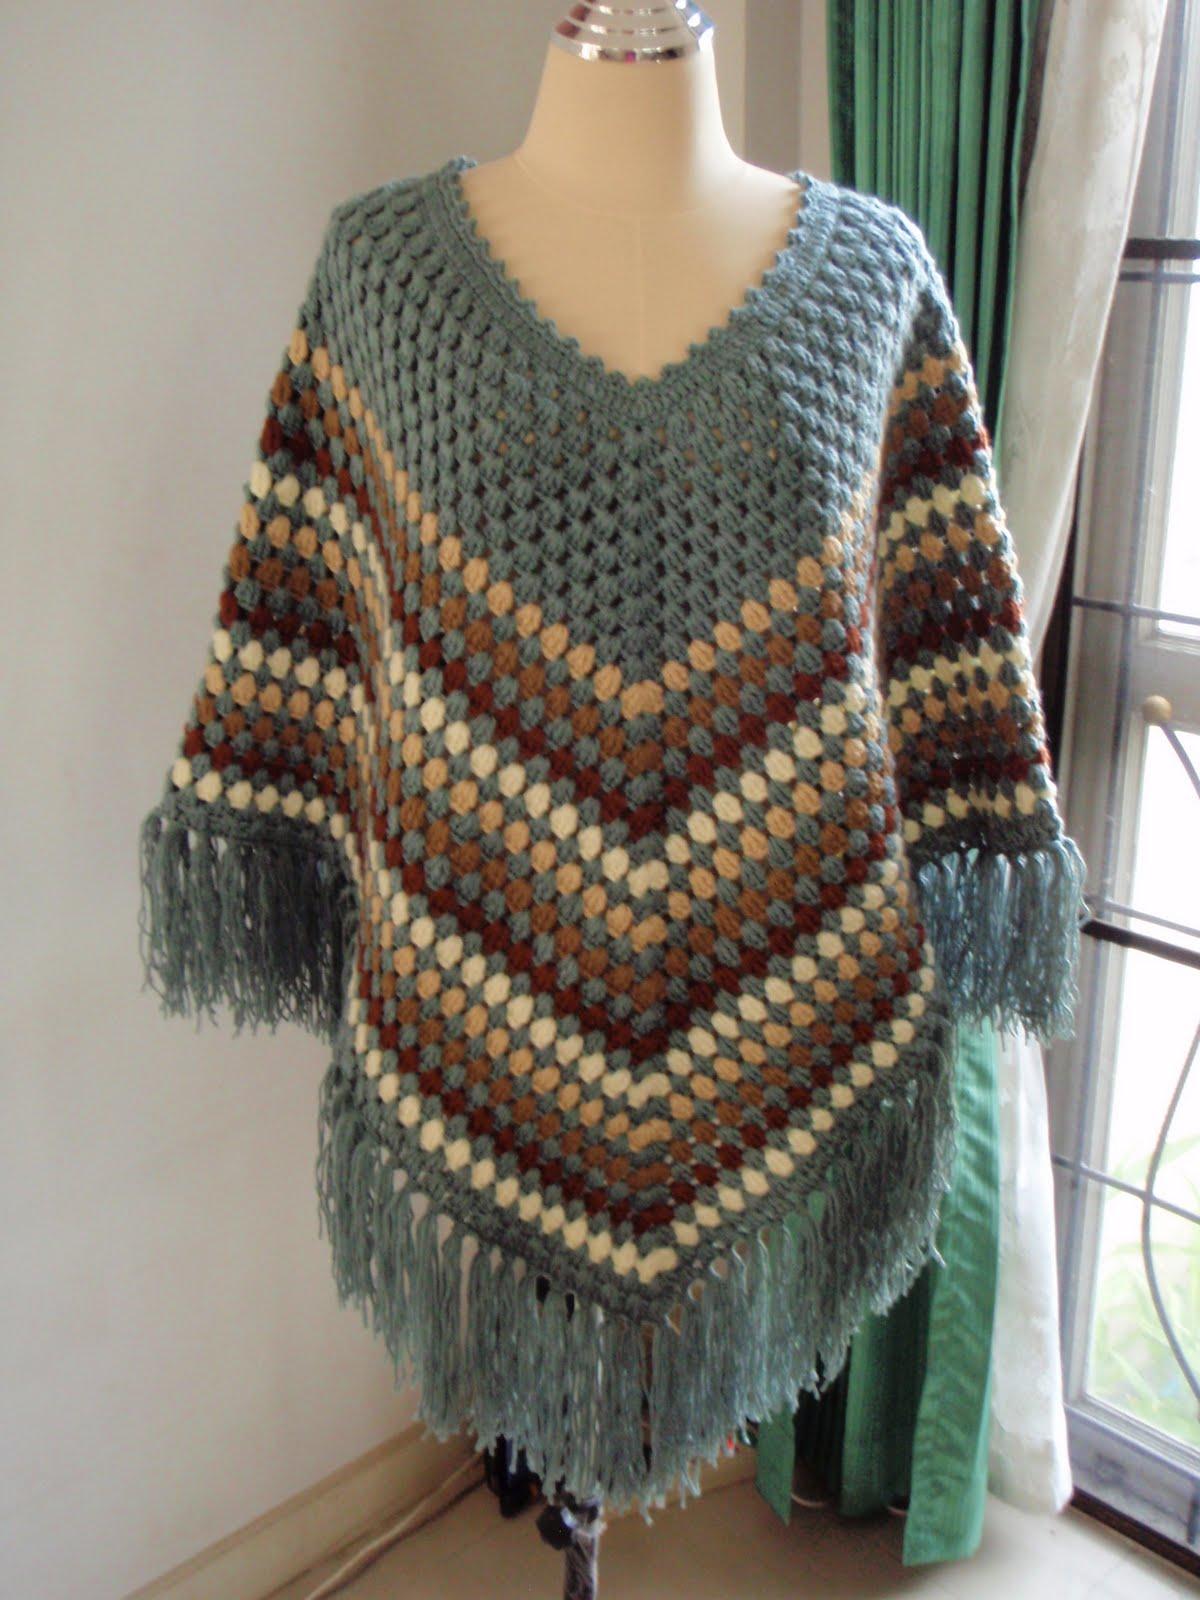 Crochet Poncho : Myknittingdaily: Crochet Poncho Grey